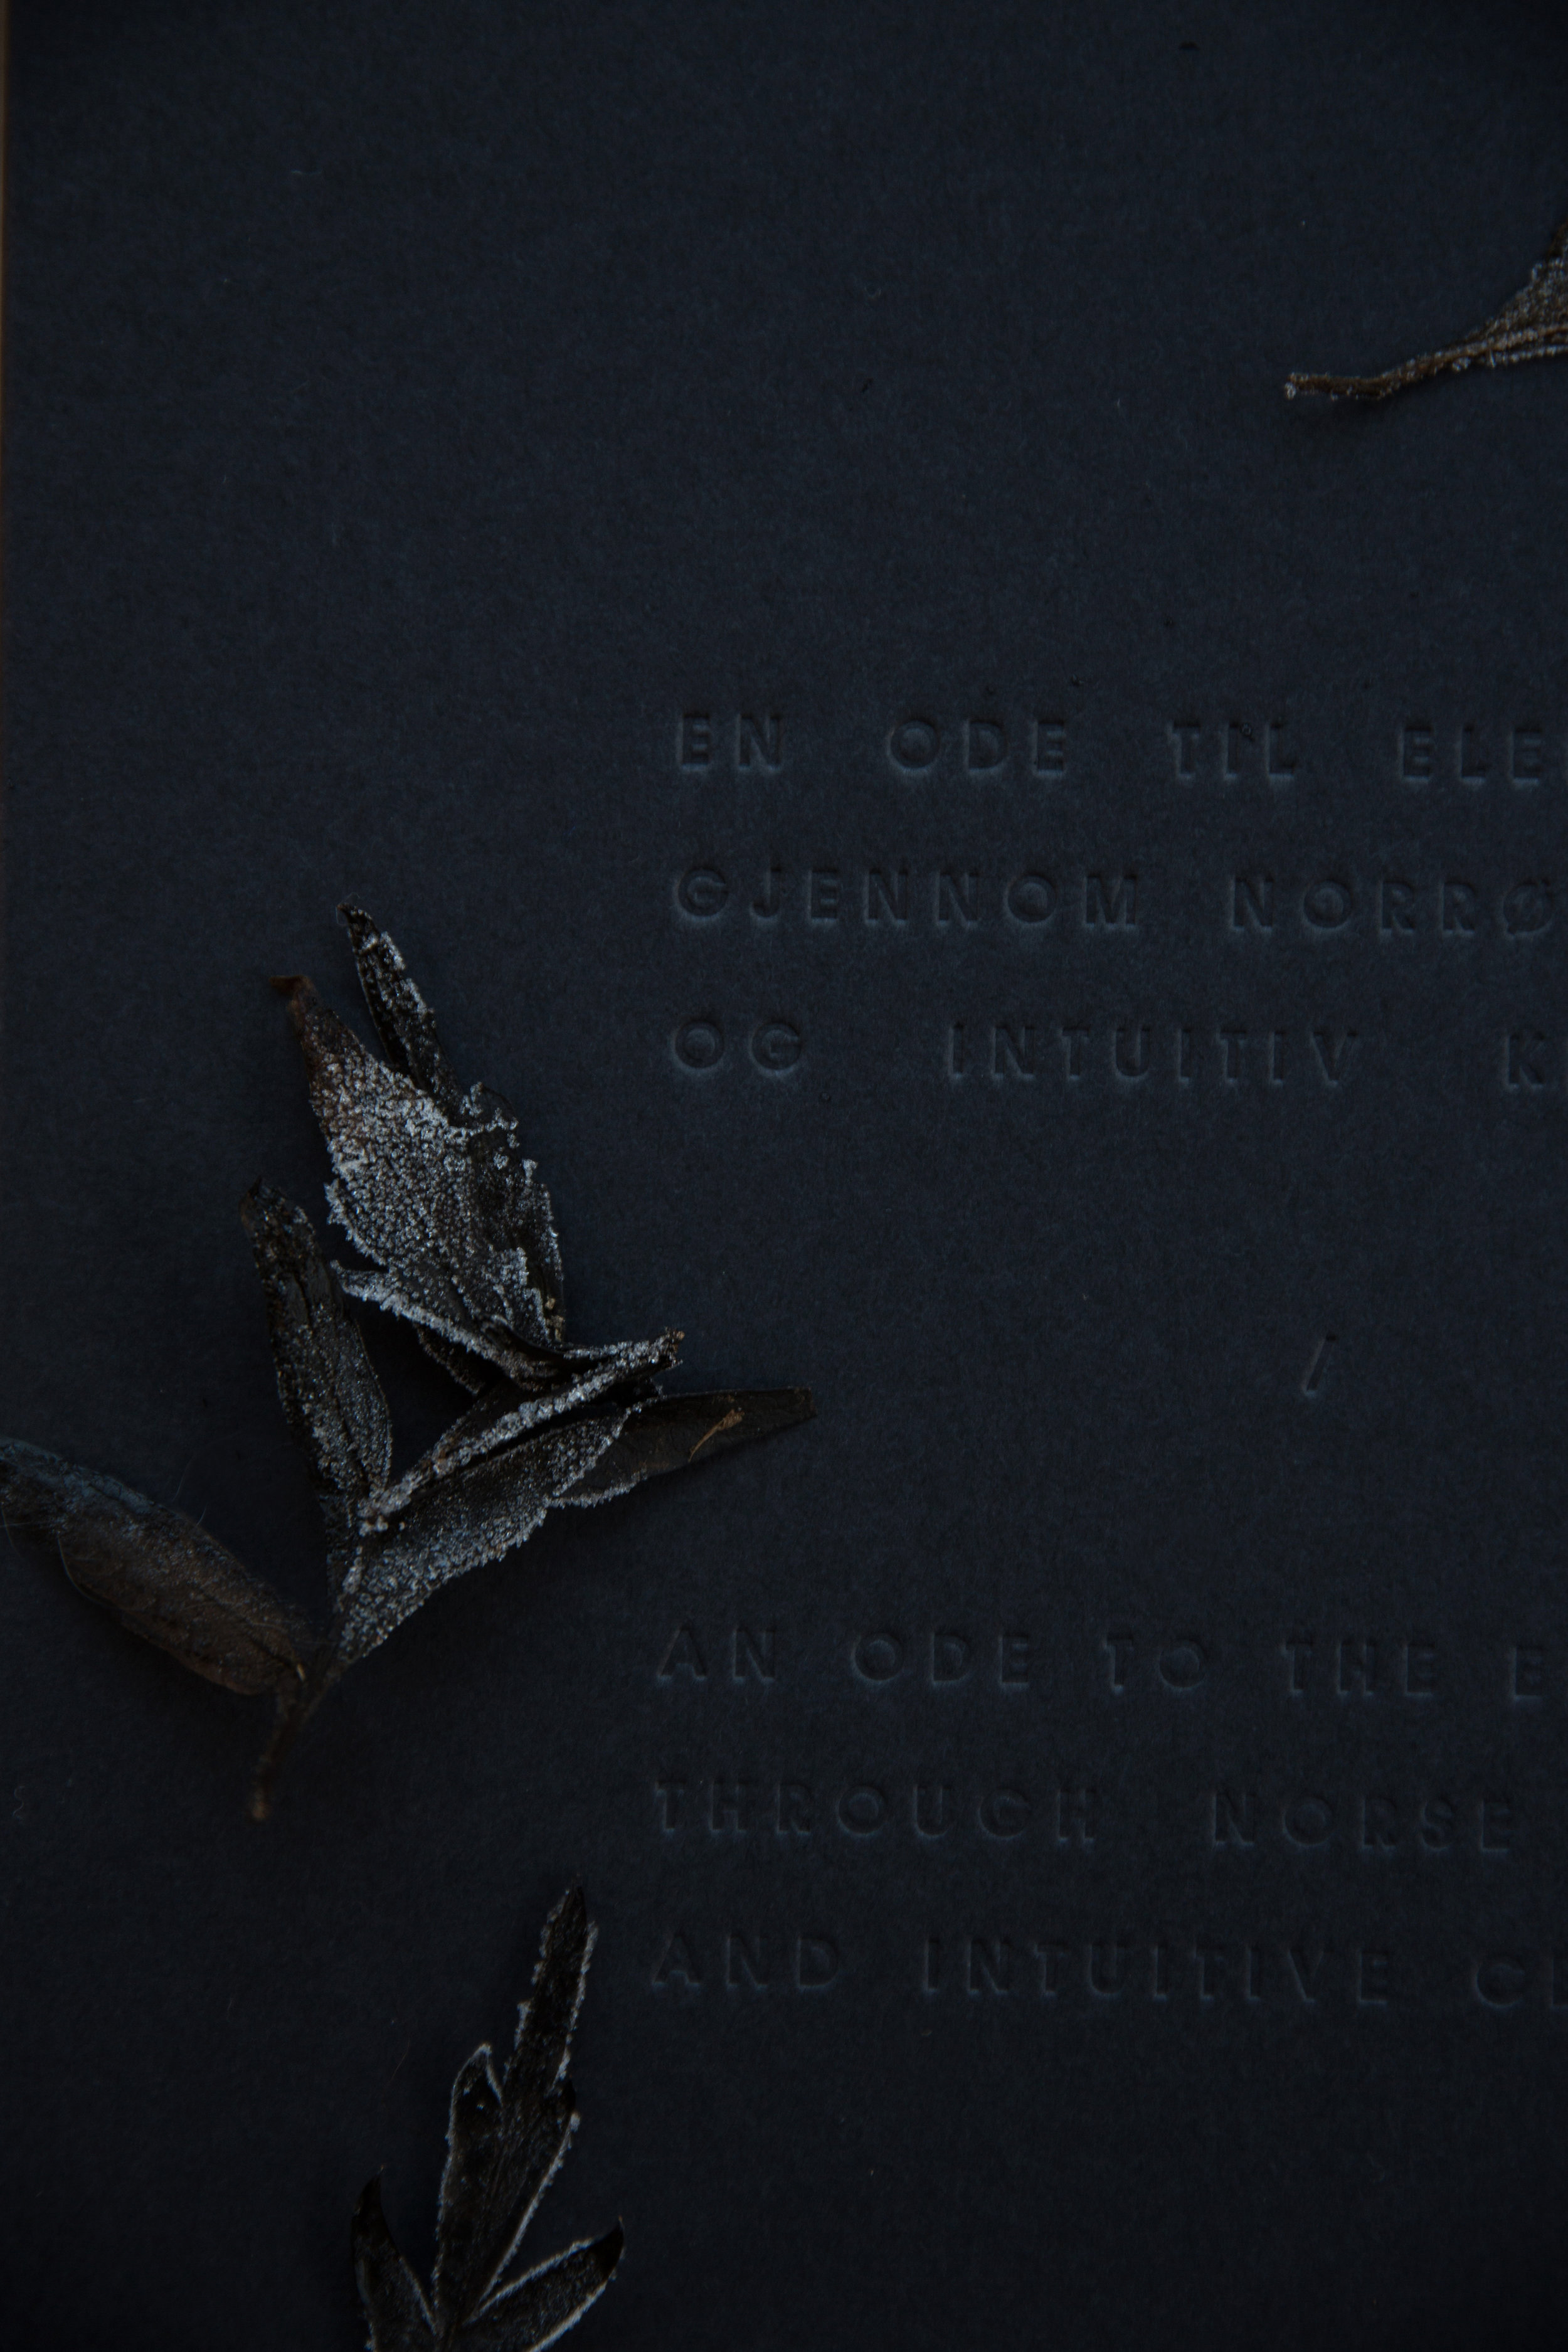 En ode til elementene    gjennom norrøn poesi    og intuitiv keramikk